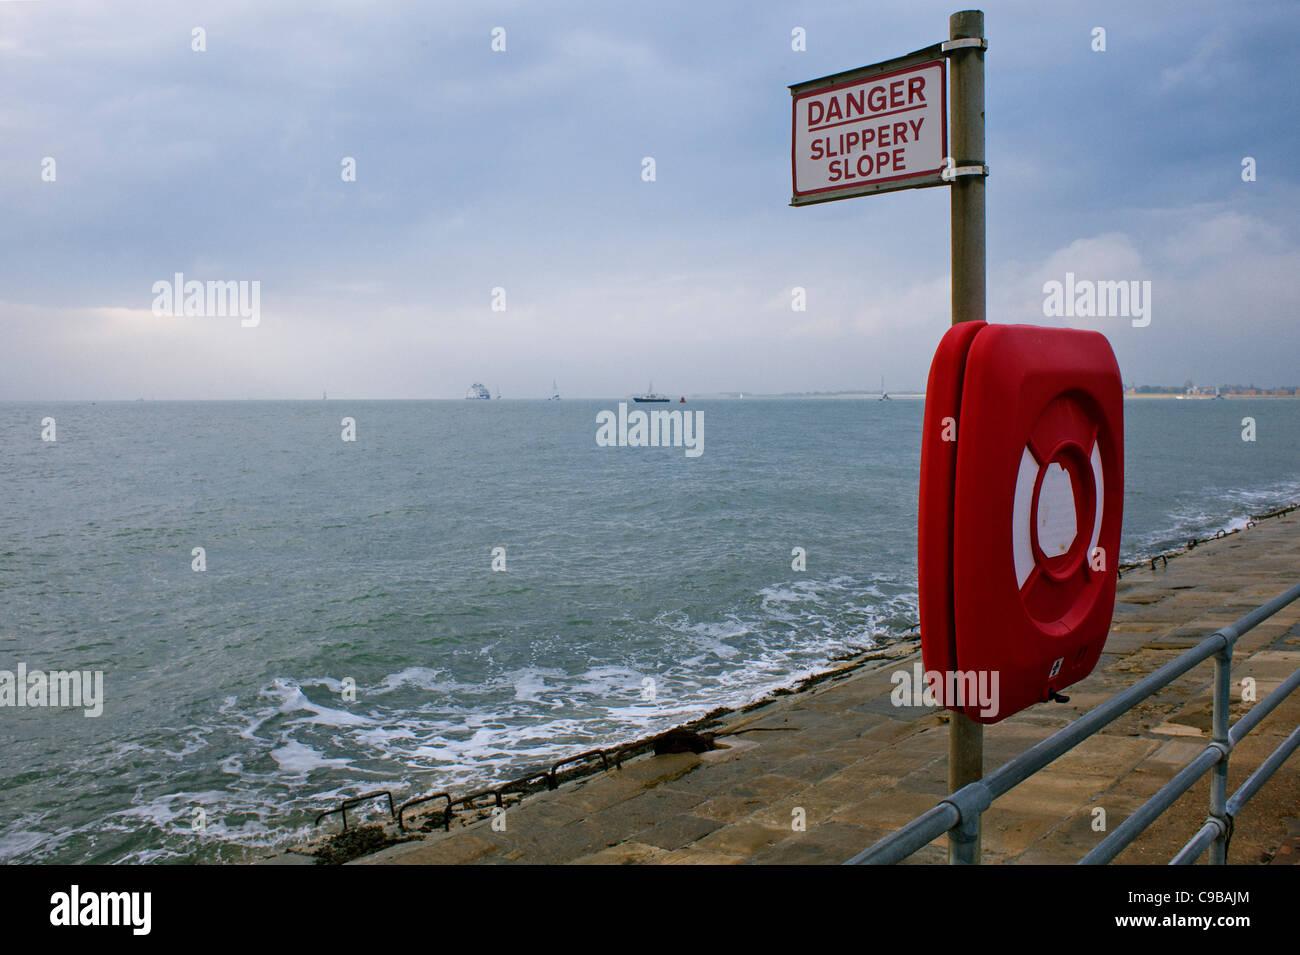 Danger slippery slope, Southsea, Portsmouth - Stock Image